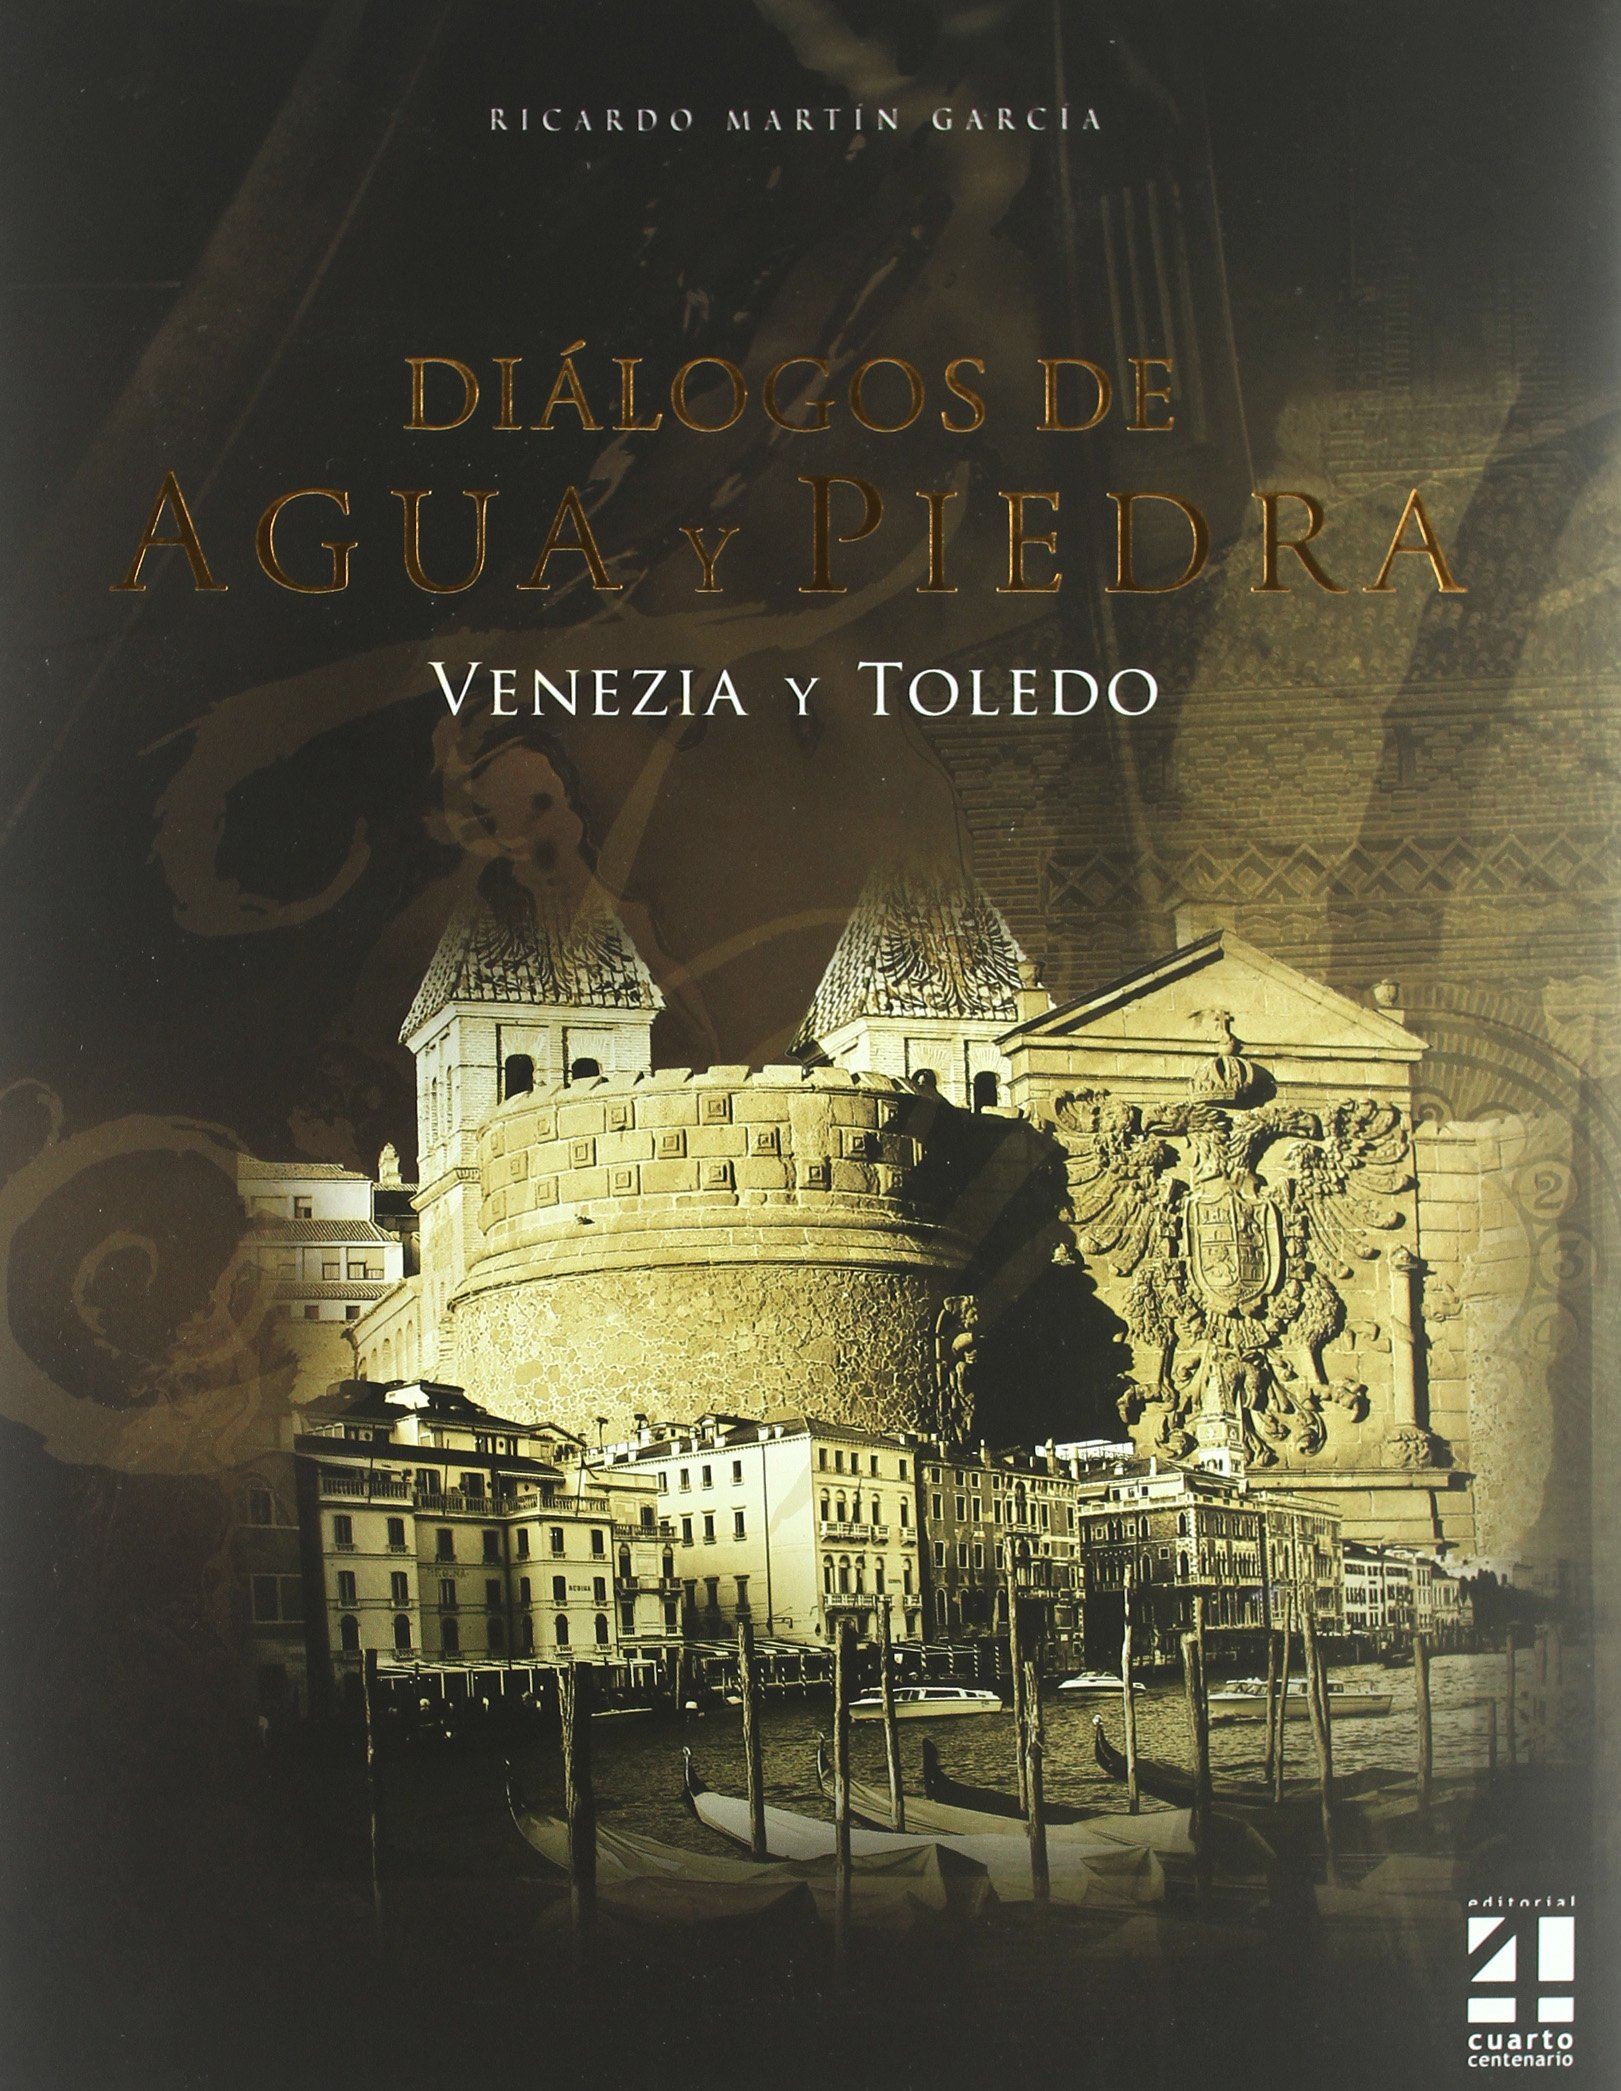 Libro diAÂ¡logos de agua y piedra : Venezia y Toledo (Spanish) Hardcover – 2011